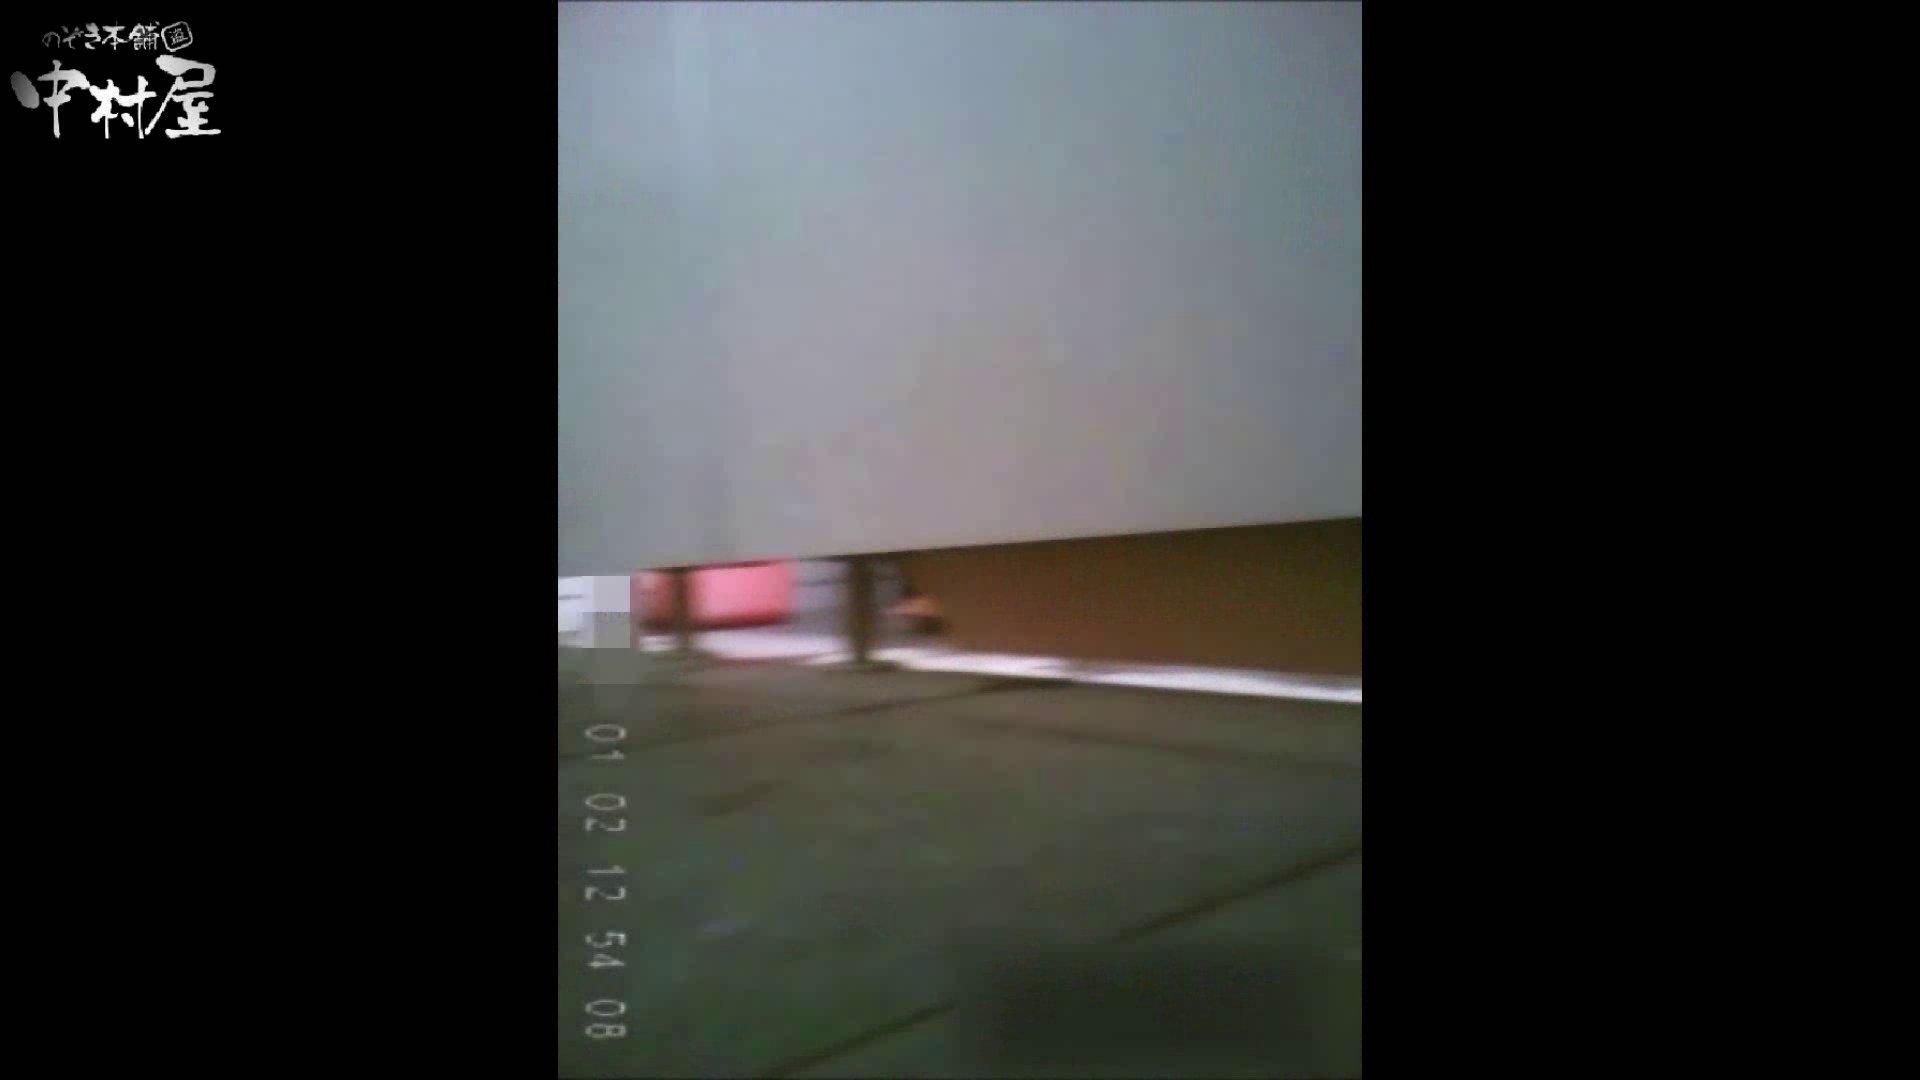 雅さんが厳選新年特別コンテンツ!激走!東京マラソン選手専用女子トイレvol.10 HなOL   女子トイレ  83pic 54